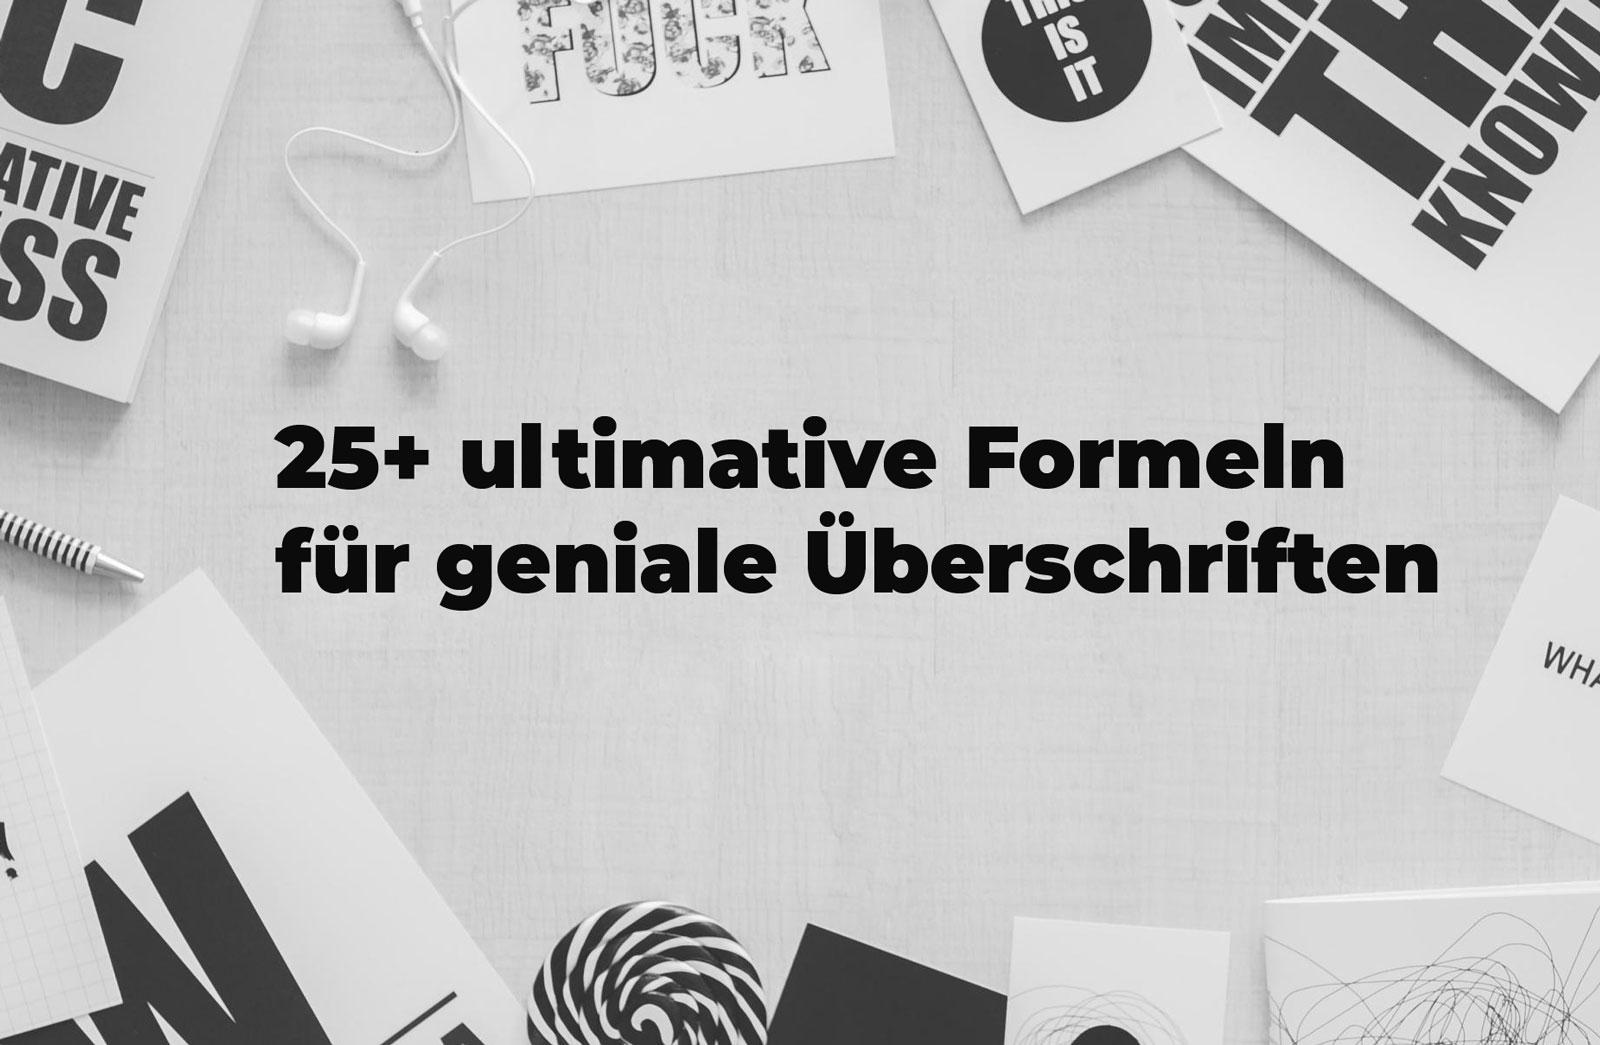 25+ ultimative Formeln für genial Überschriften